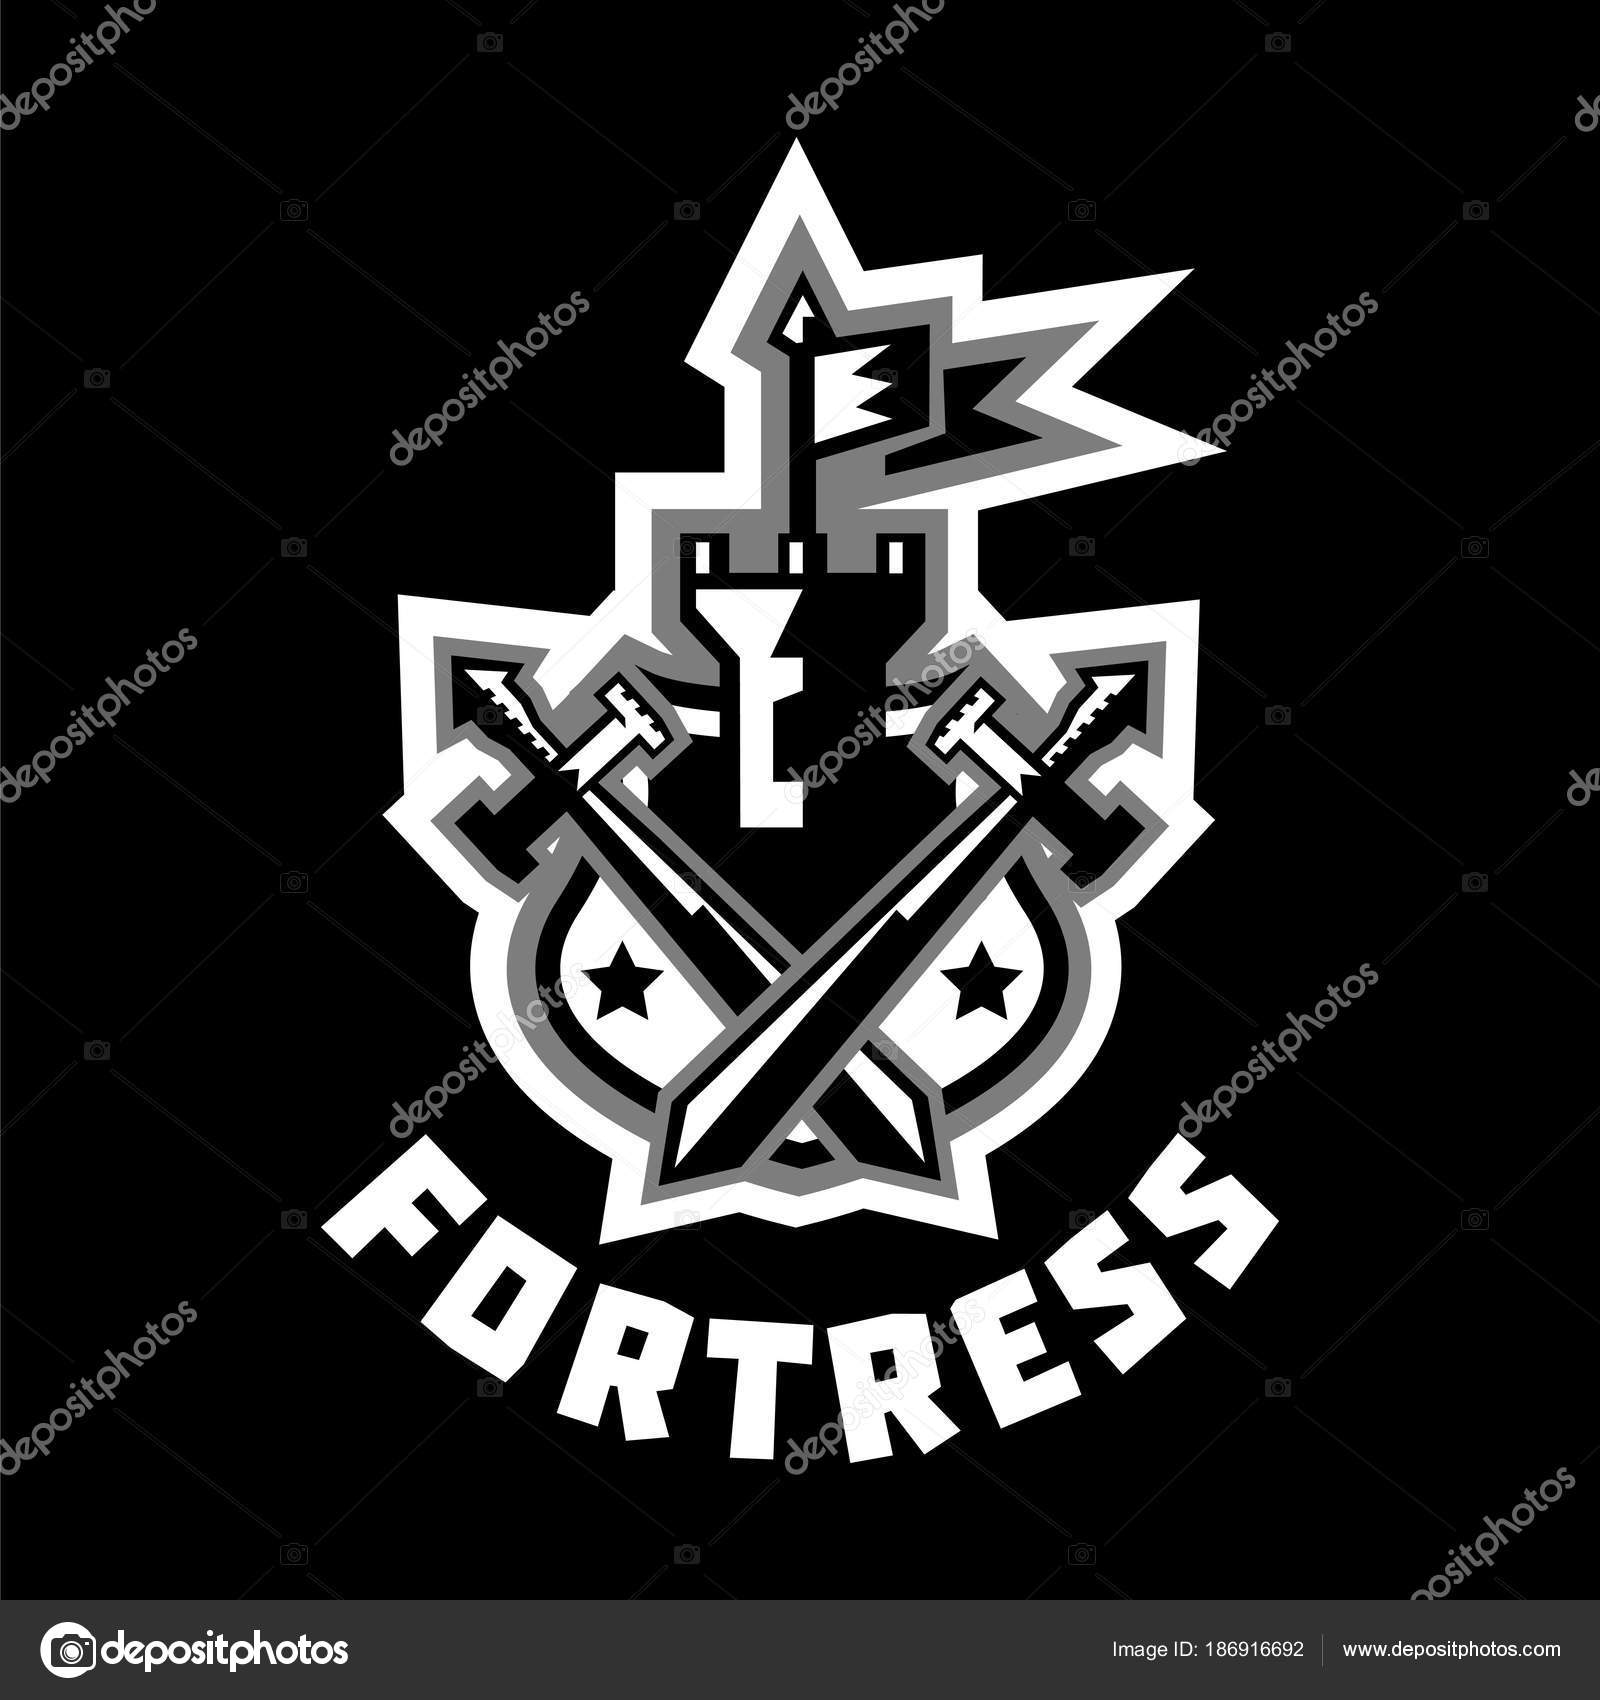 f7397912439 Castillo y bandera, espadas Cruz ubicado en el escudo. Piñones, corona.  Etiqueta engomada del color blanco y negro. El emblema en la edad media y  la guerra.